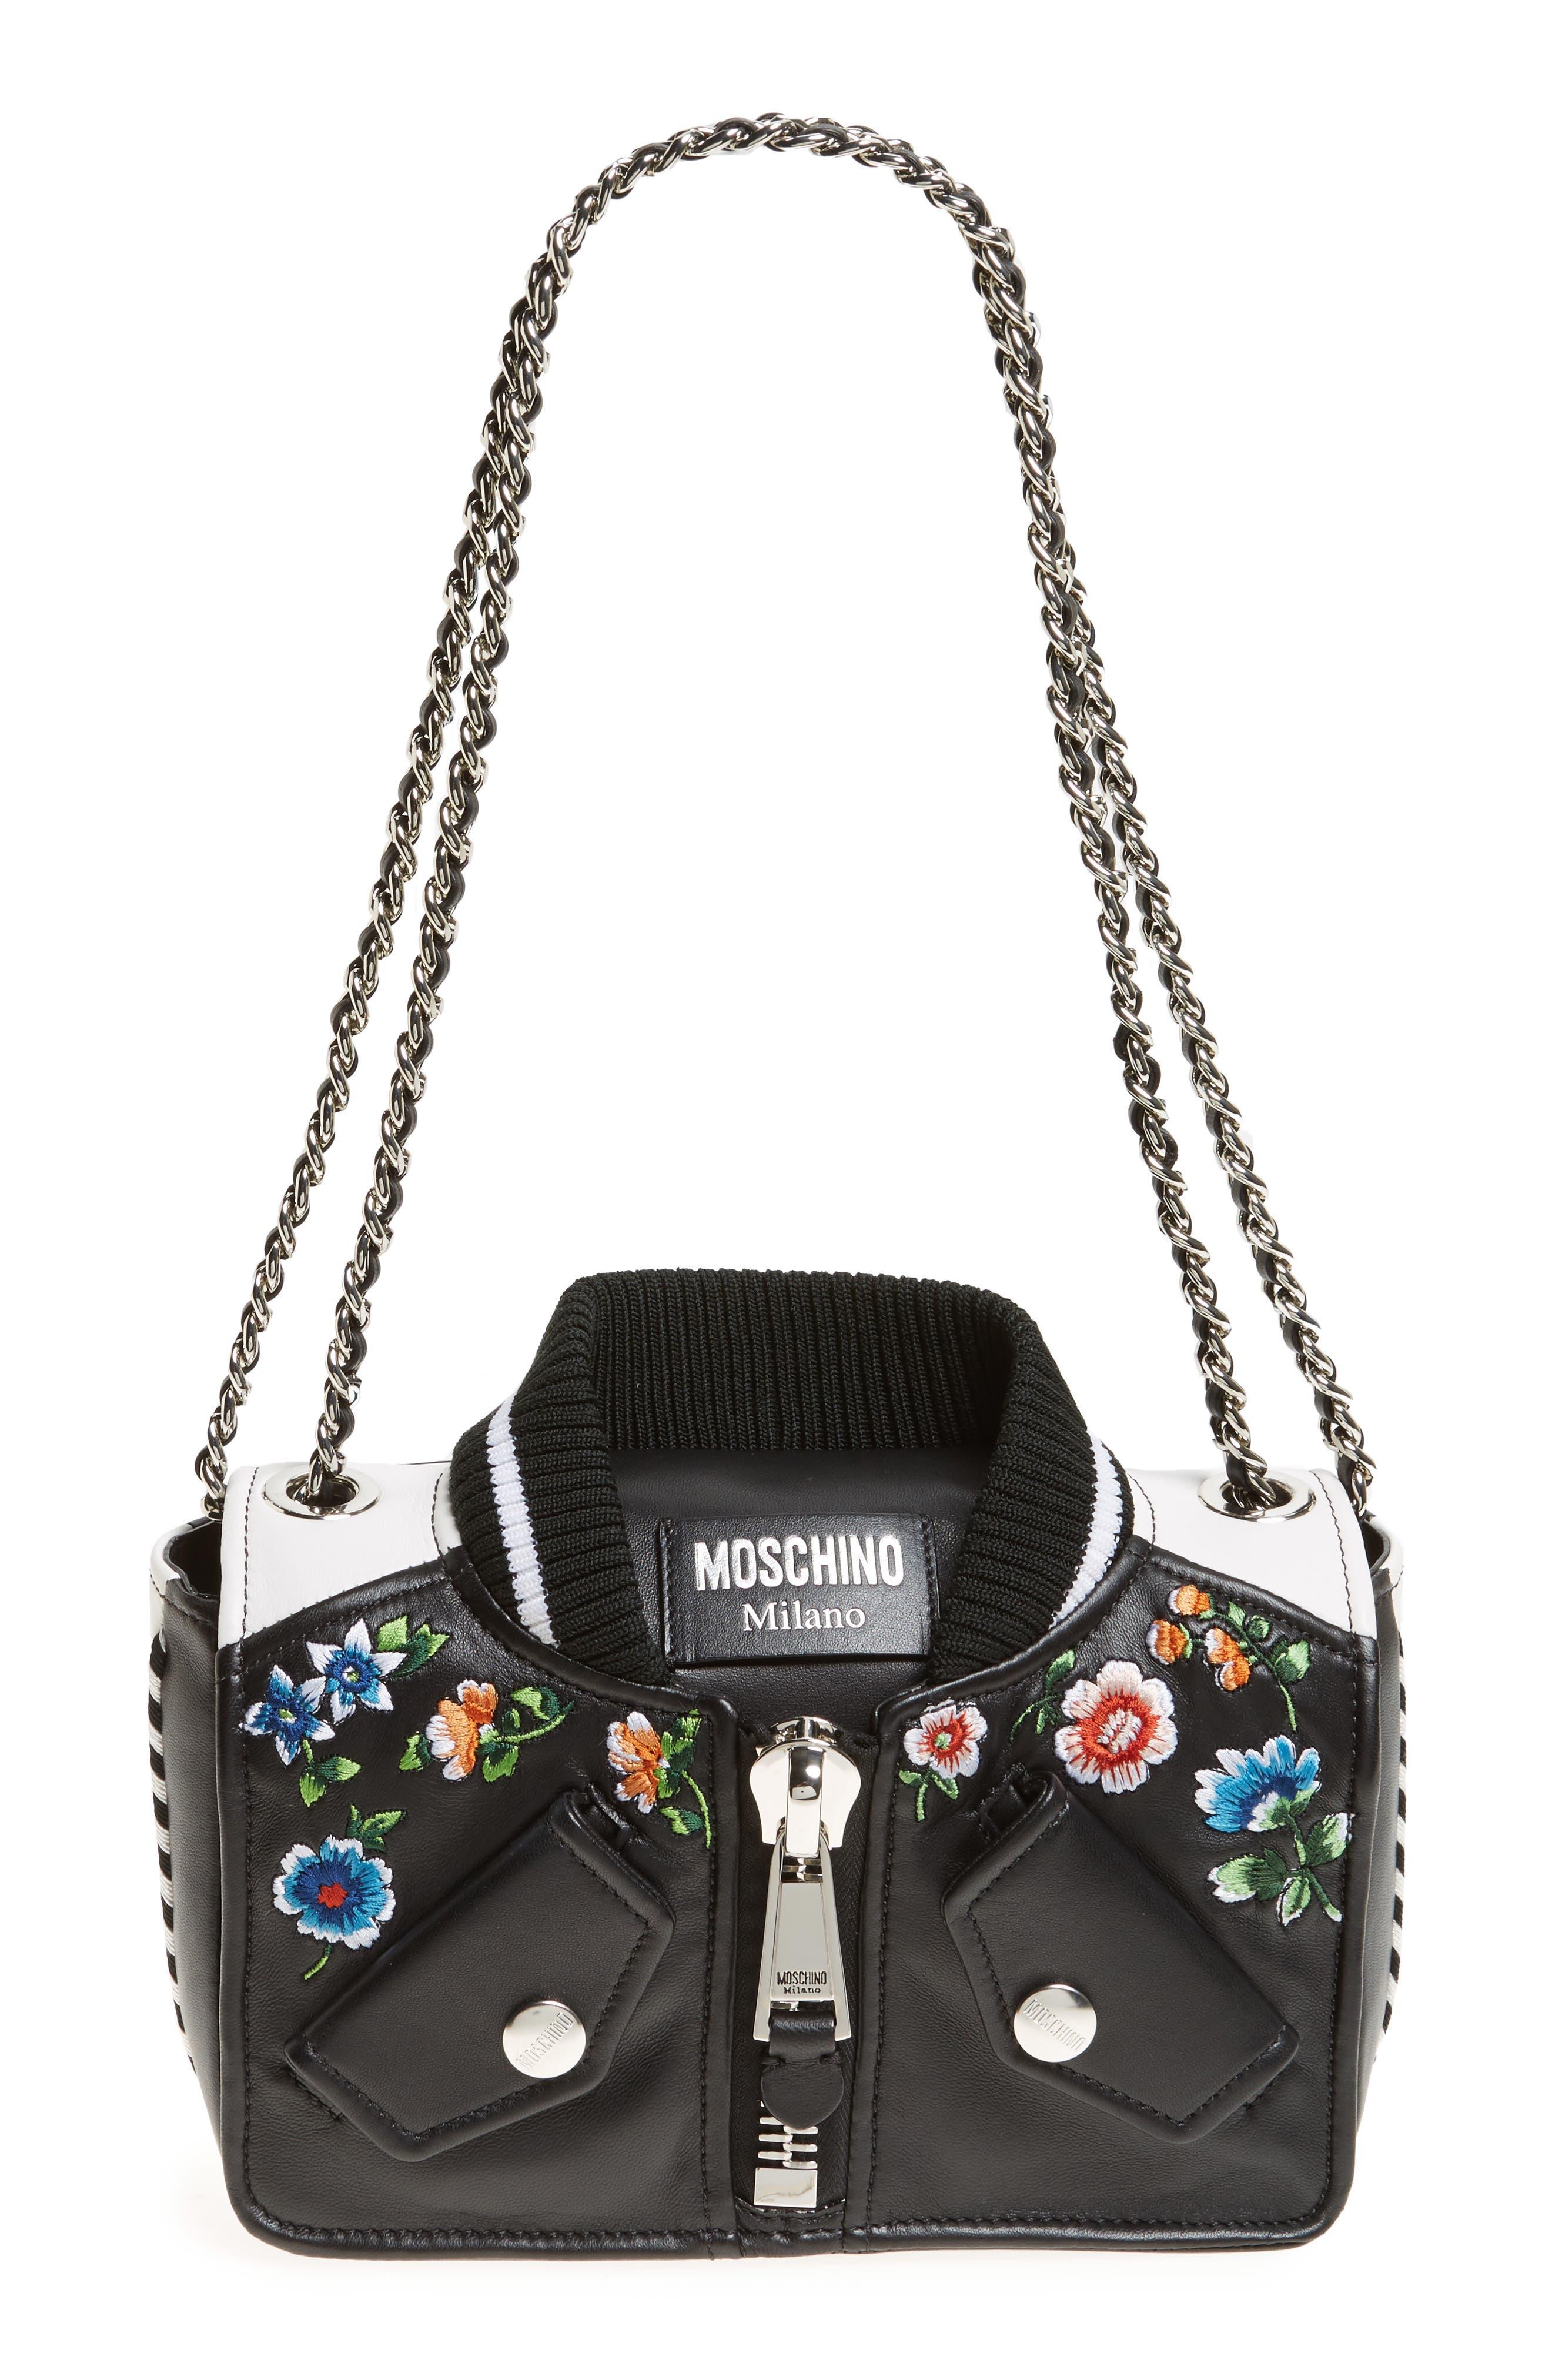 Embroidered Floral Bomber Jacket Leather Shoulder Bag,                             Main thumbnail 1, color,                             BLACK